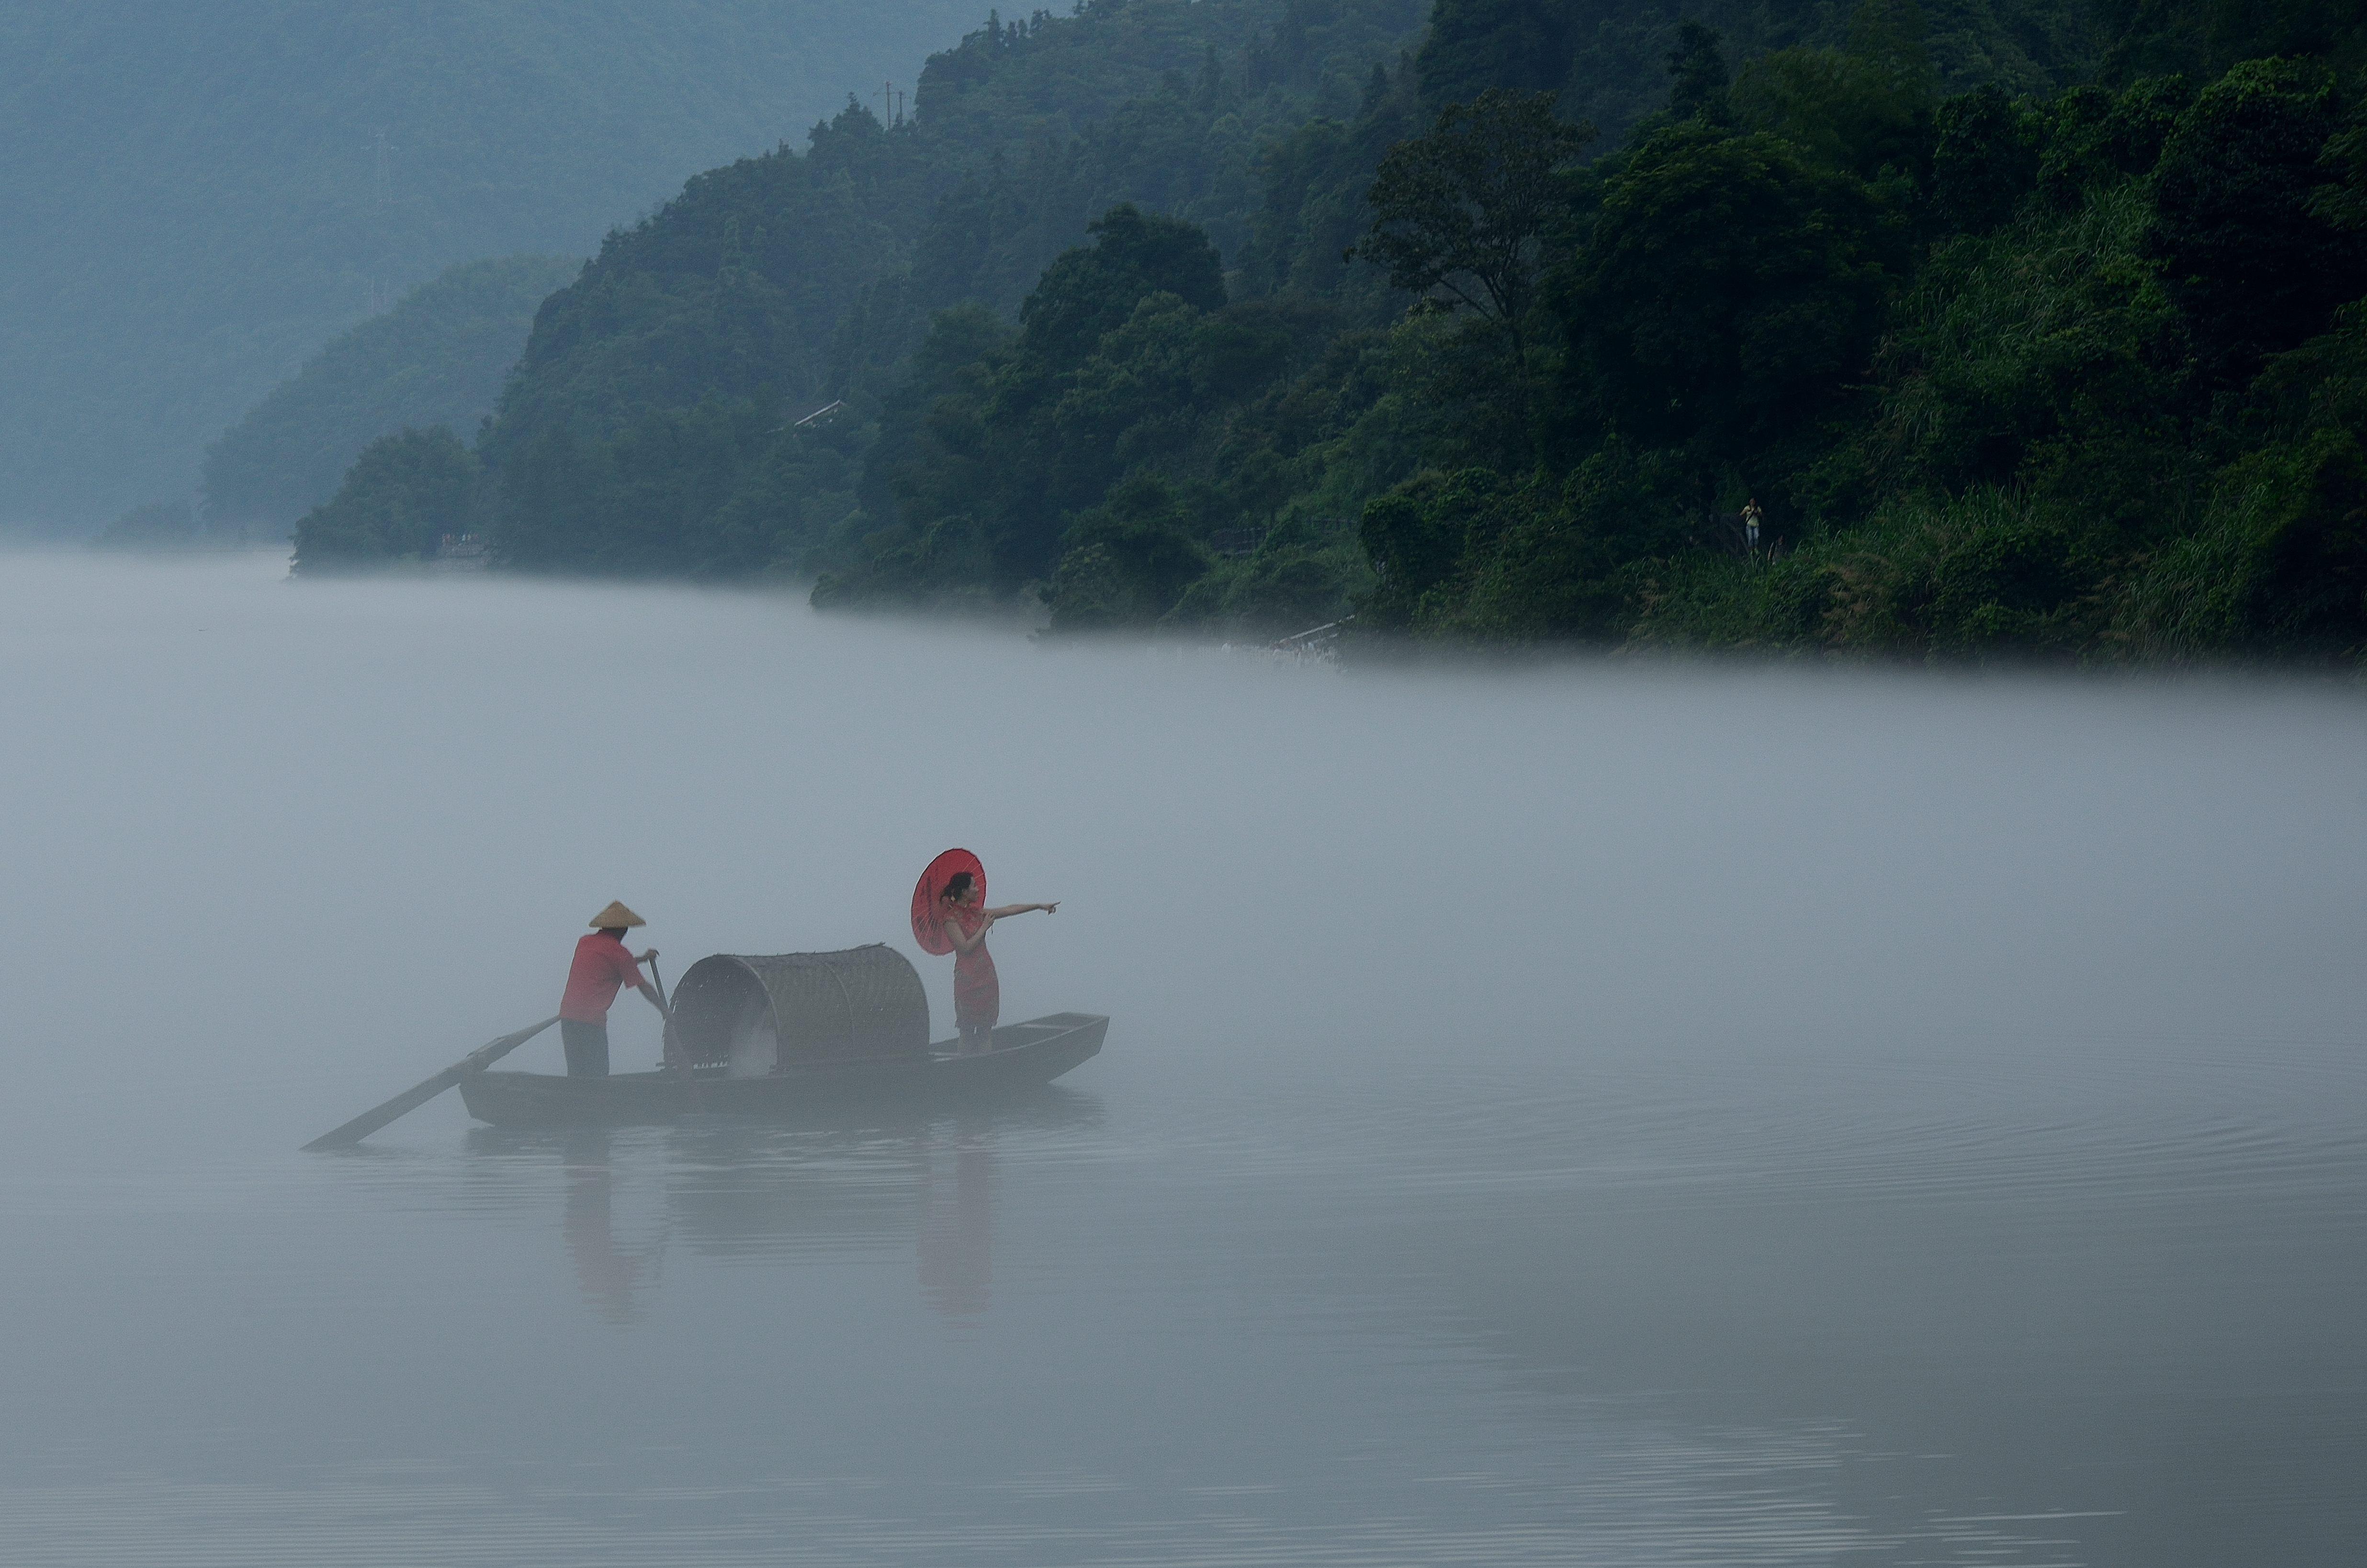 东江湖风景旅游区,资兴东江湖风景旅游区攻略/地址